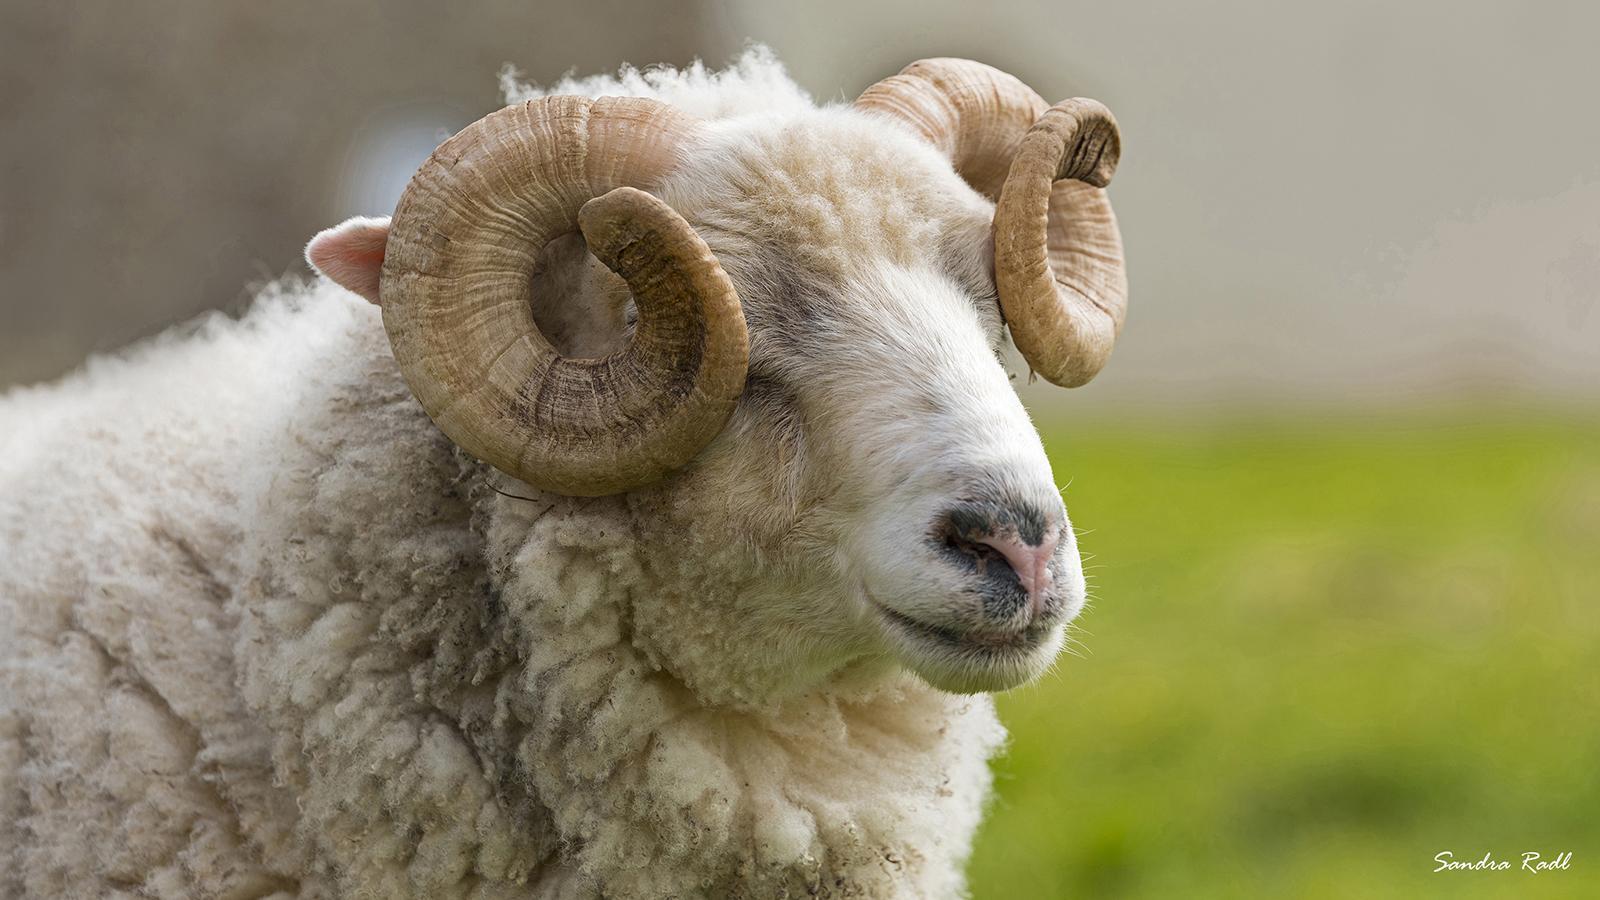 Wenn man vor lauter Hörnern die Insel nicht mehr sieht: Schaf auf Ouessant. Foto: Sandra Radl